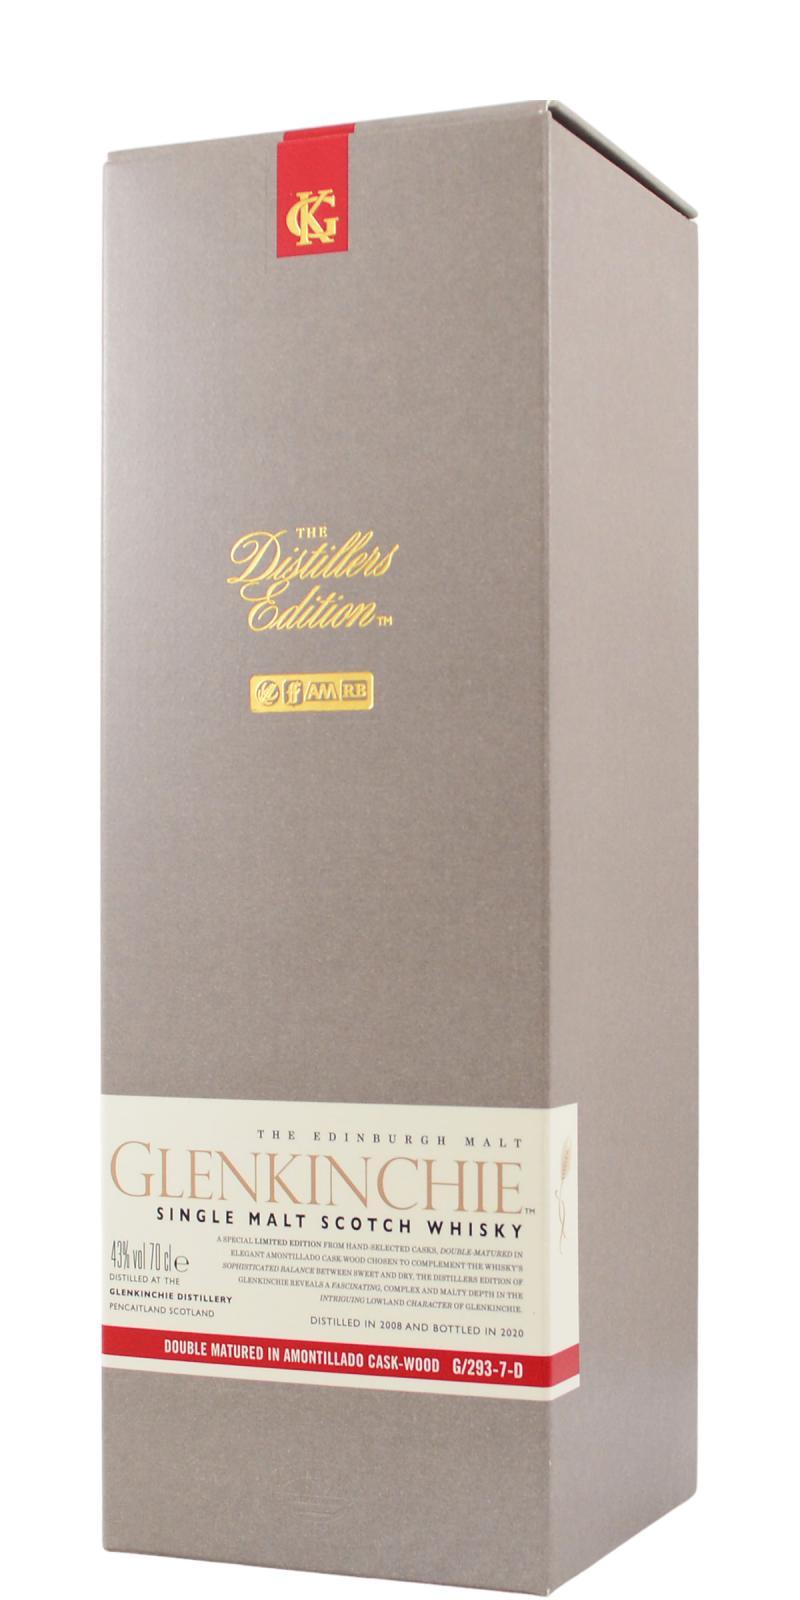 Glenkinchie 2008